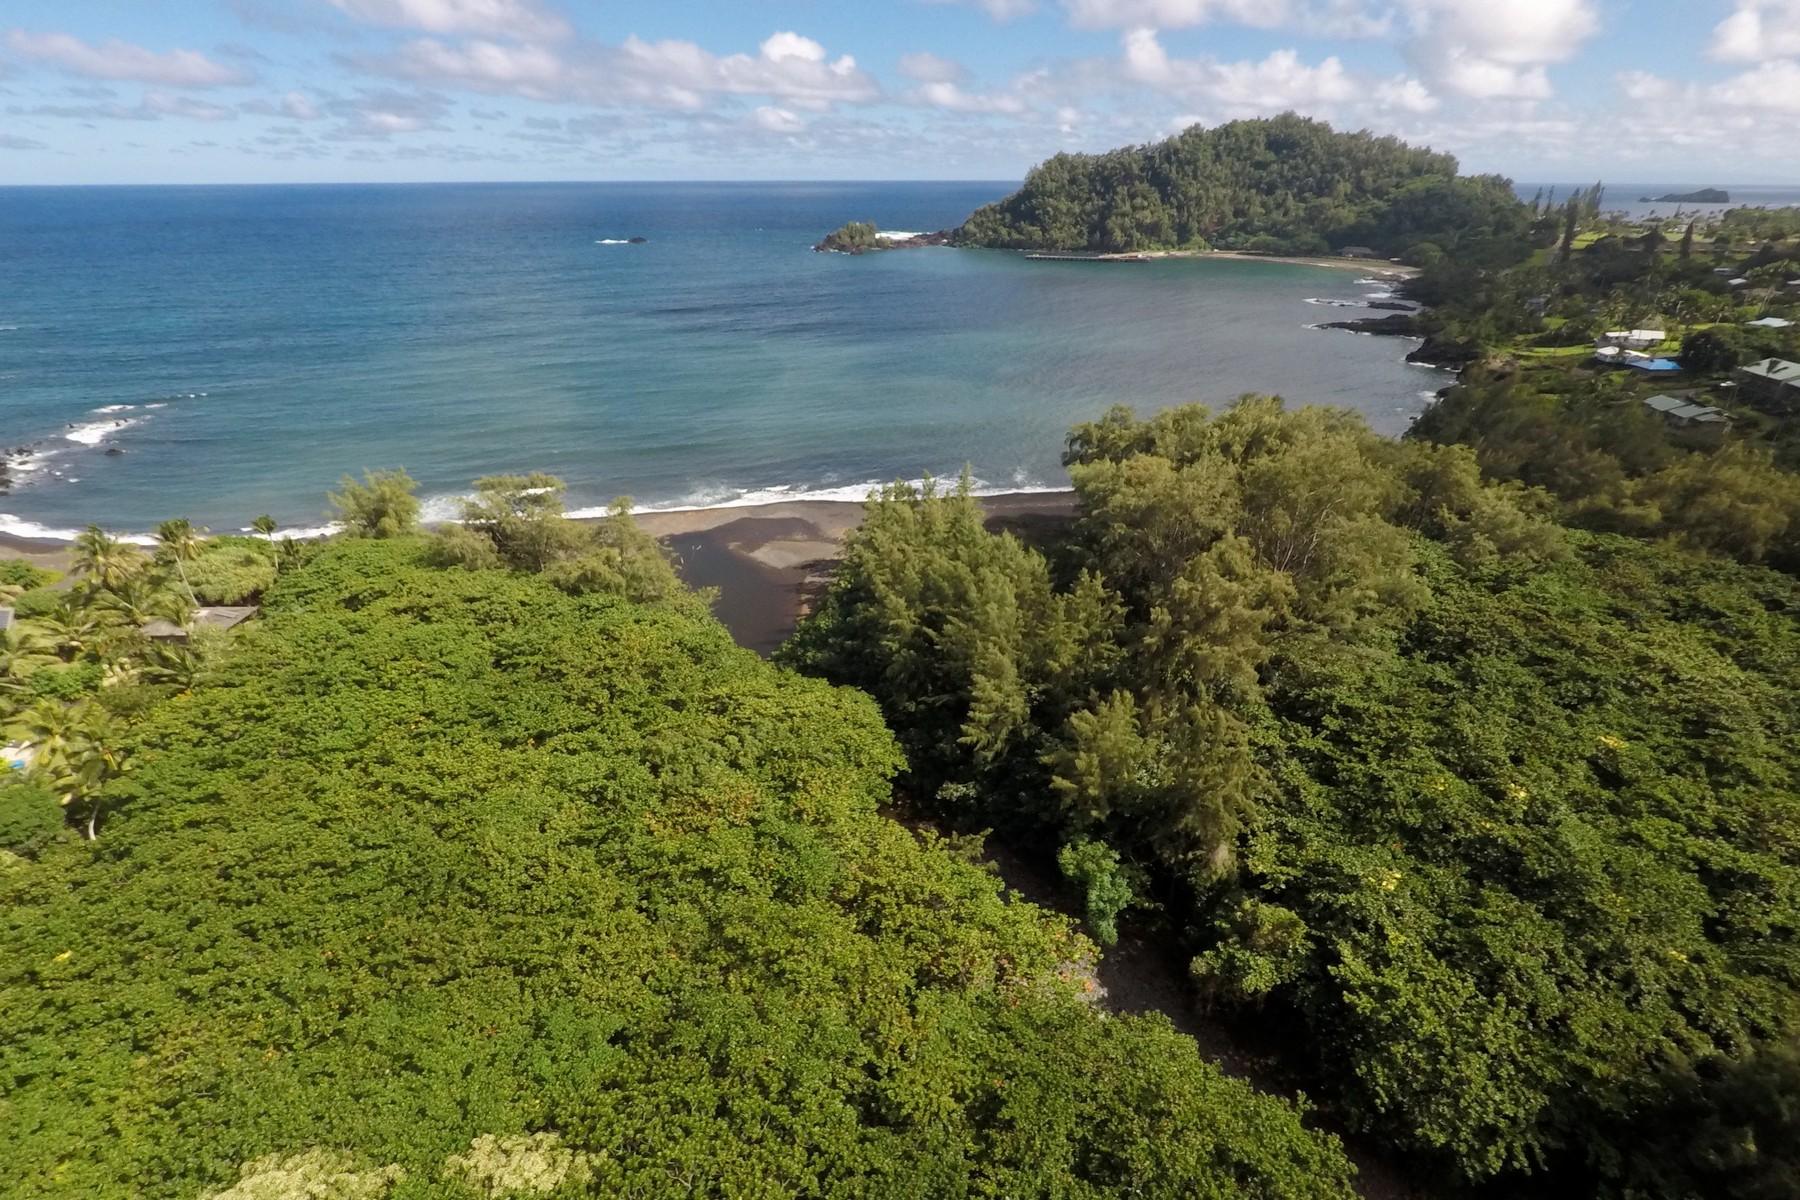 Οικόπεδο για την Πώληση στο Oceanfront Vacant Land Offering, Hana Maui 0 Waikoloa Road, Hana, Χαβαη 96713 Ηνωμένες Πολιτείες